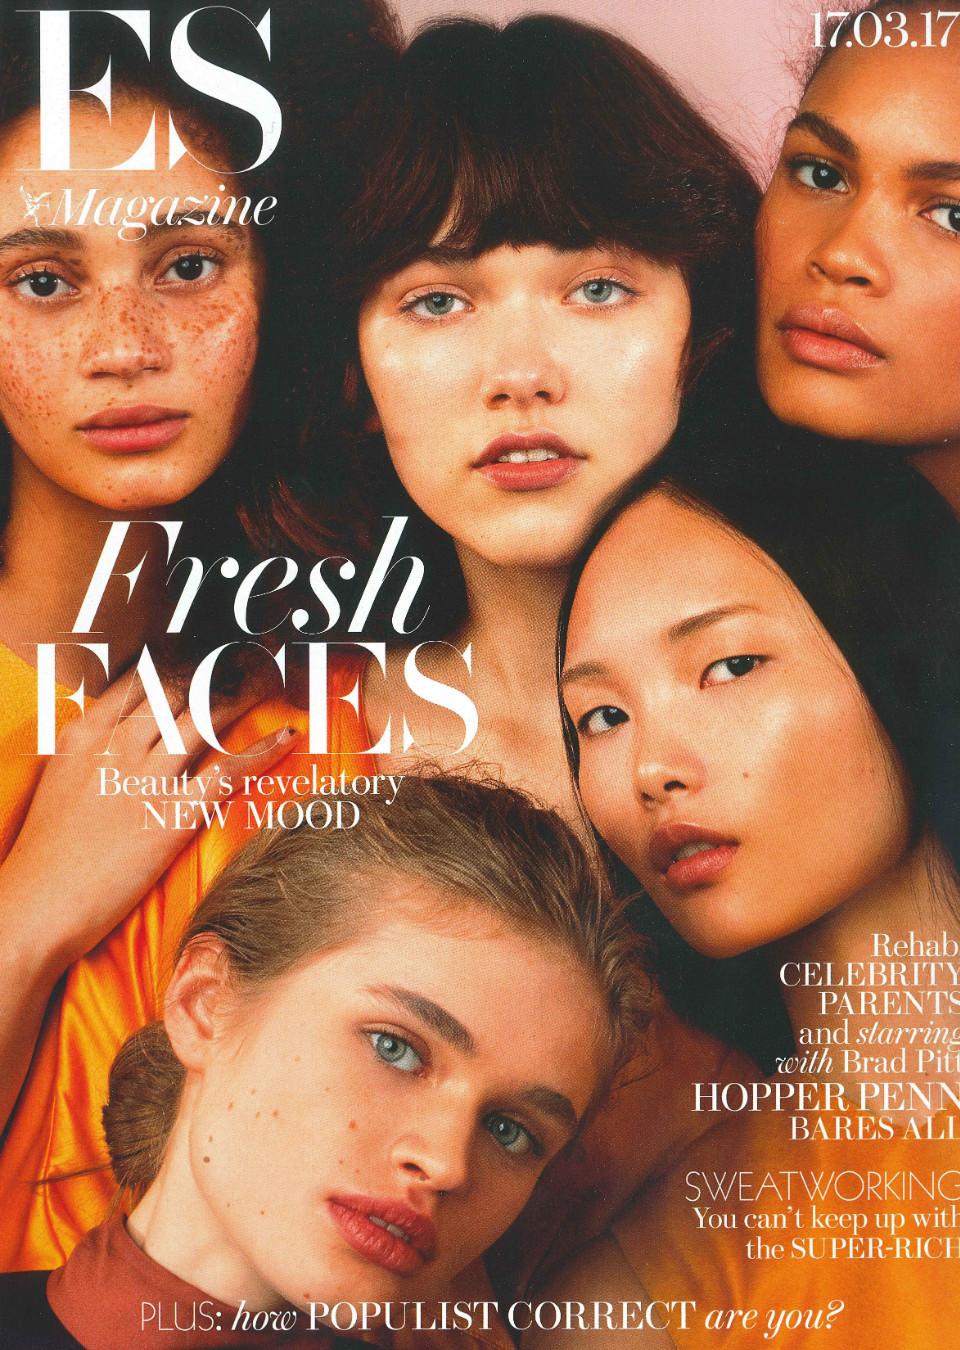 ES Magazine, Feb'17